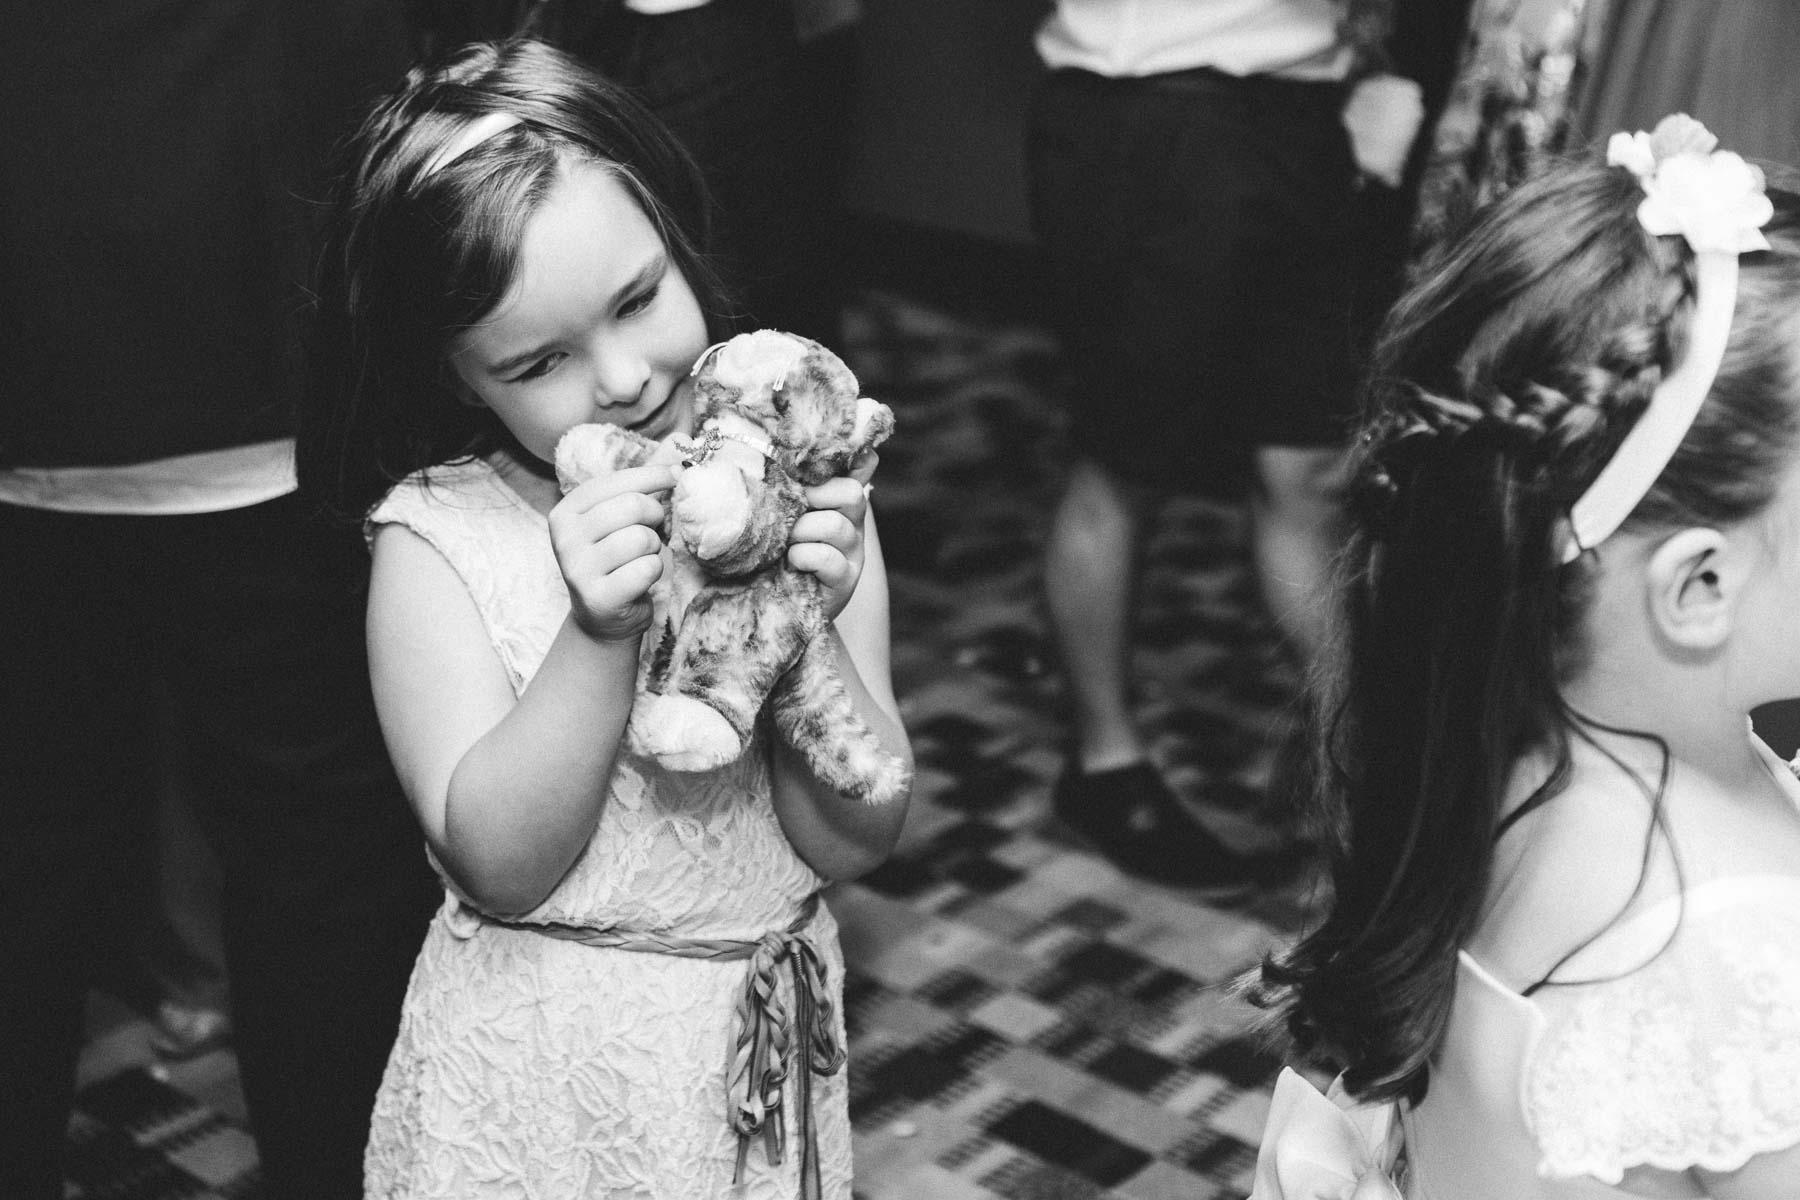 Flower girl holding teddy